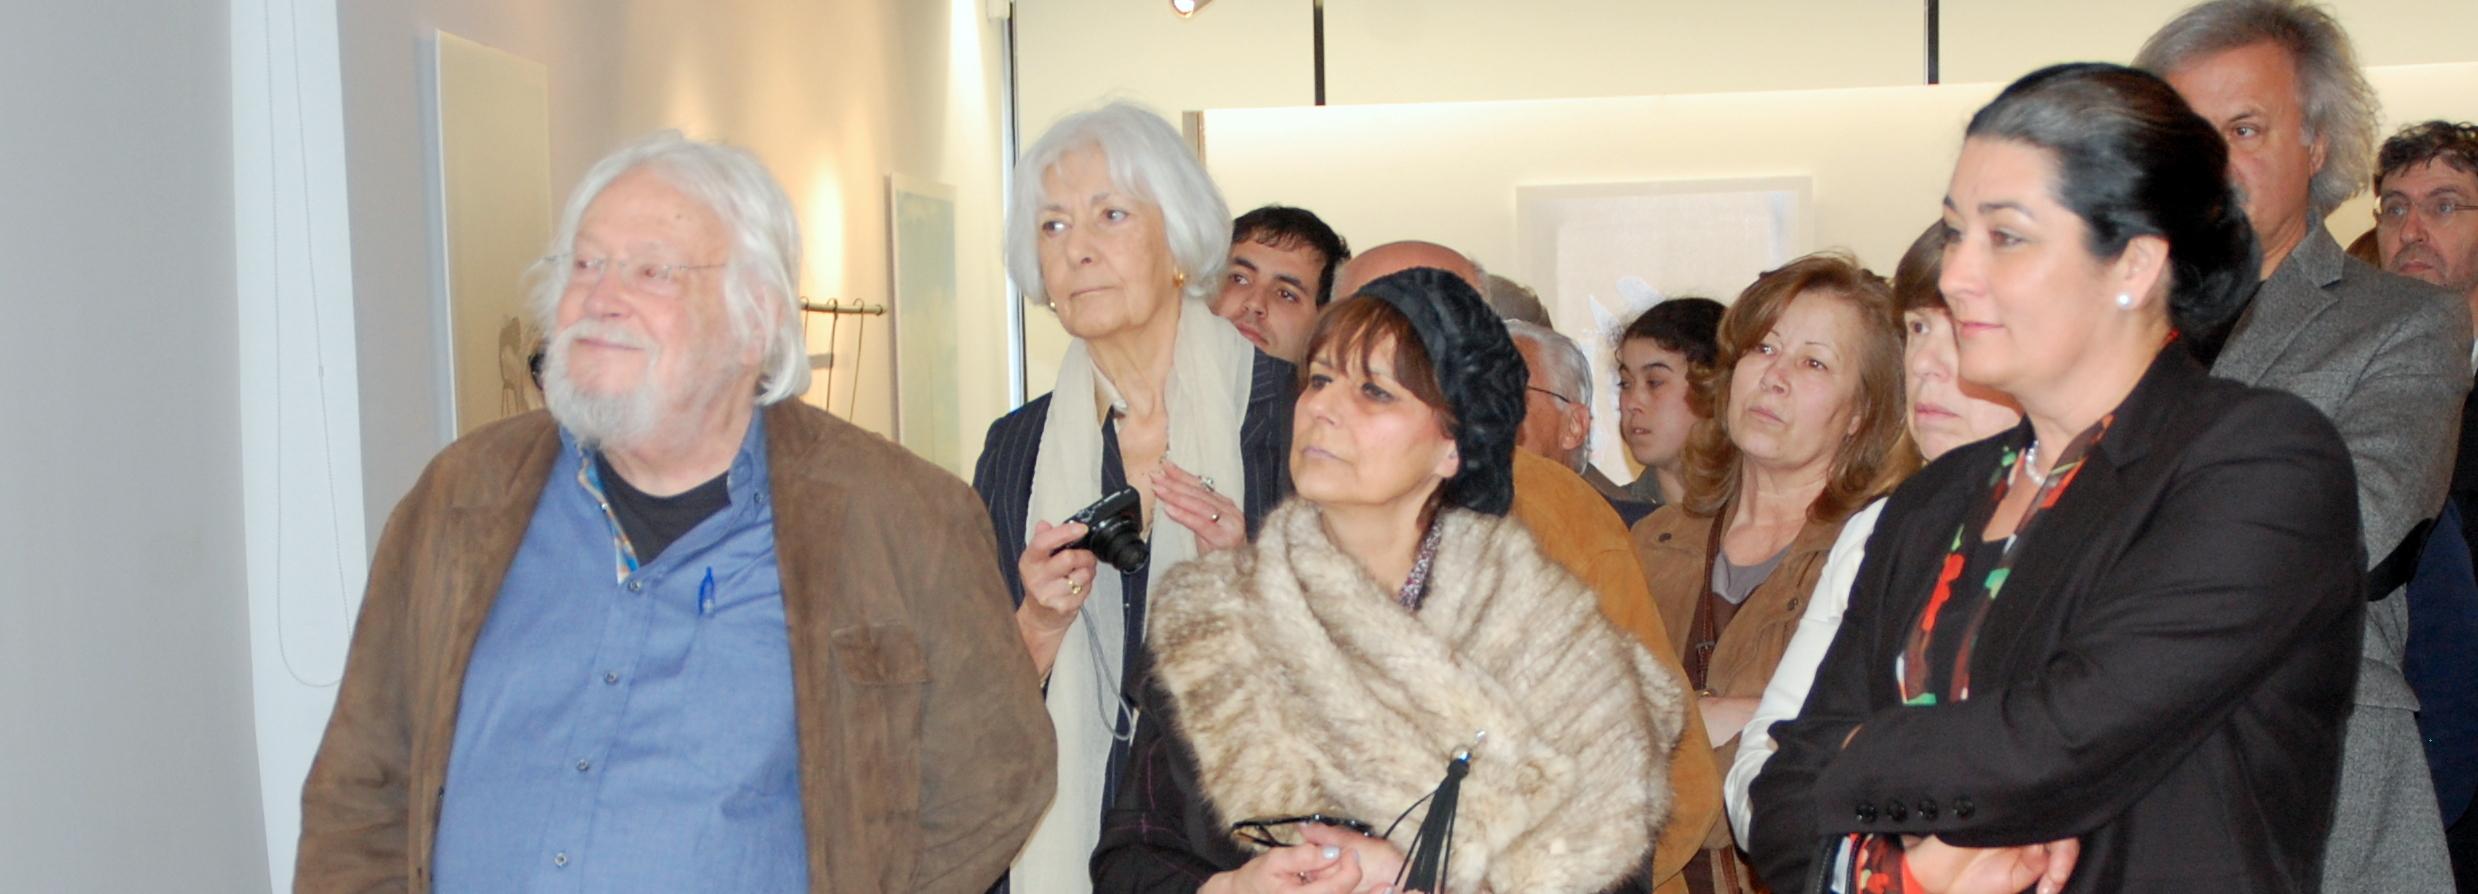 Júlio Pomar na inauguração de exposição na Galeria Municipal de Arte